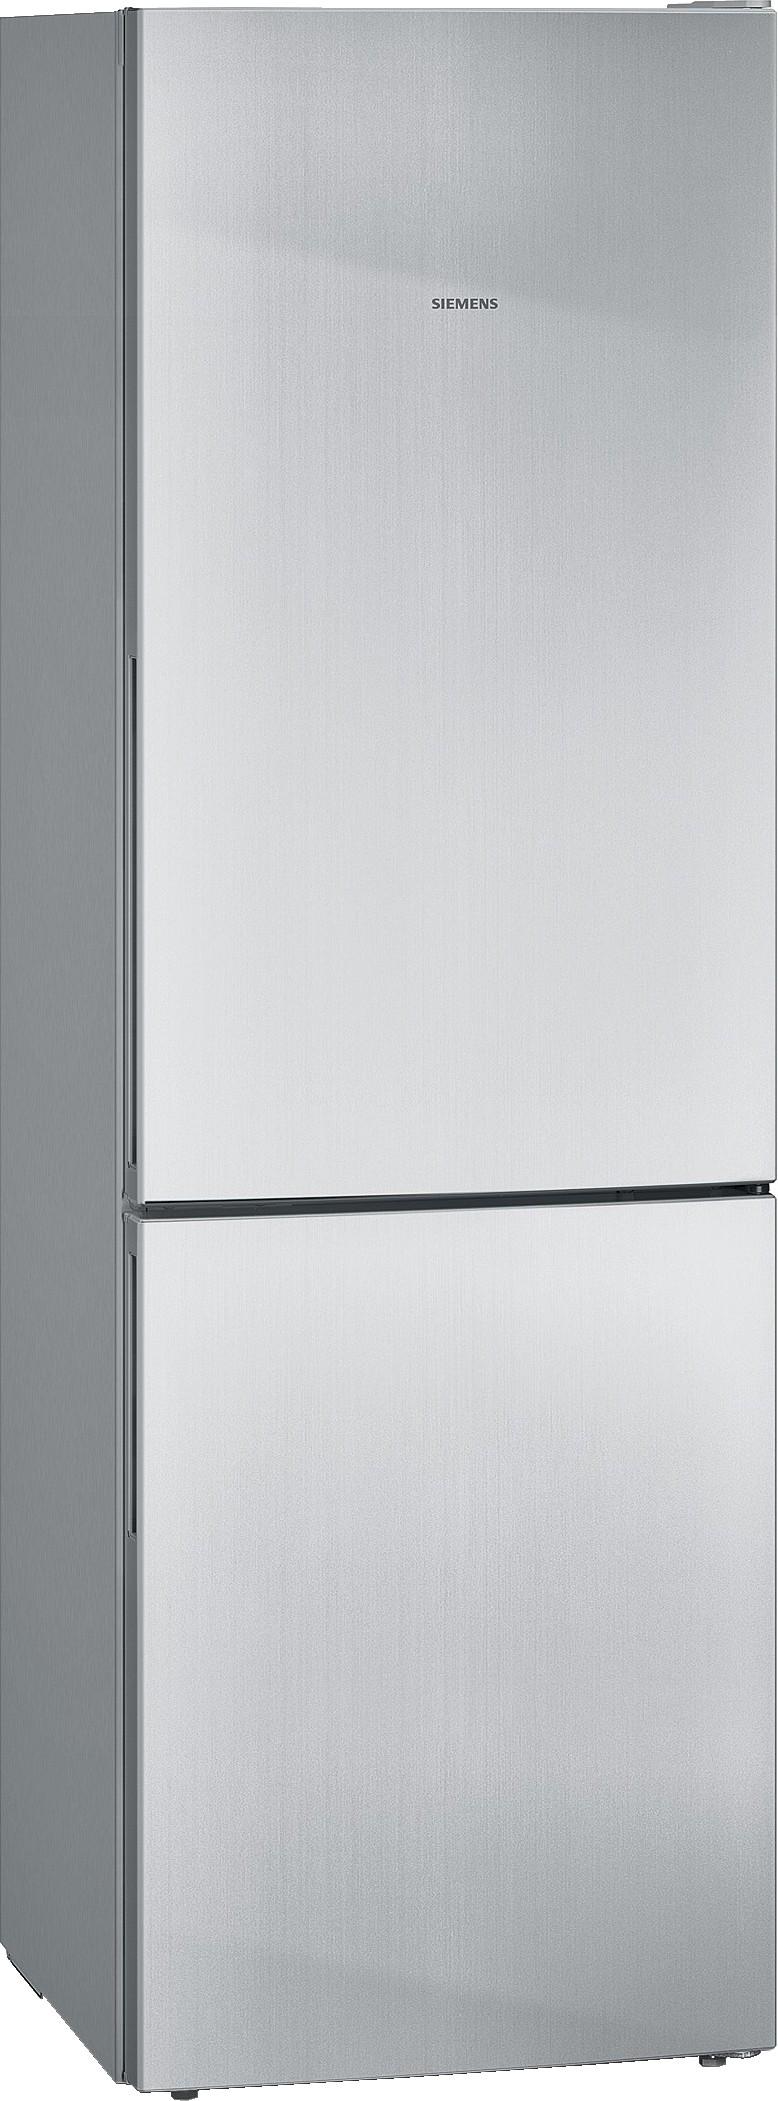 Siemens kylskåp och kyl/frys KG36VVI32 - Noga Utvalt – Pressade priser